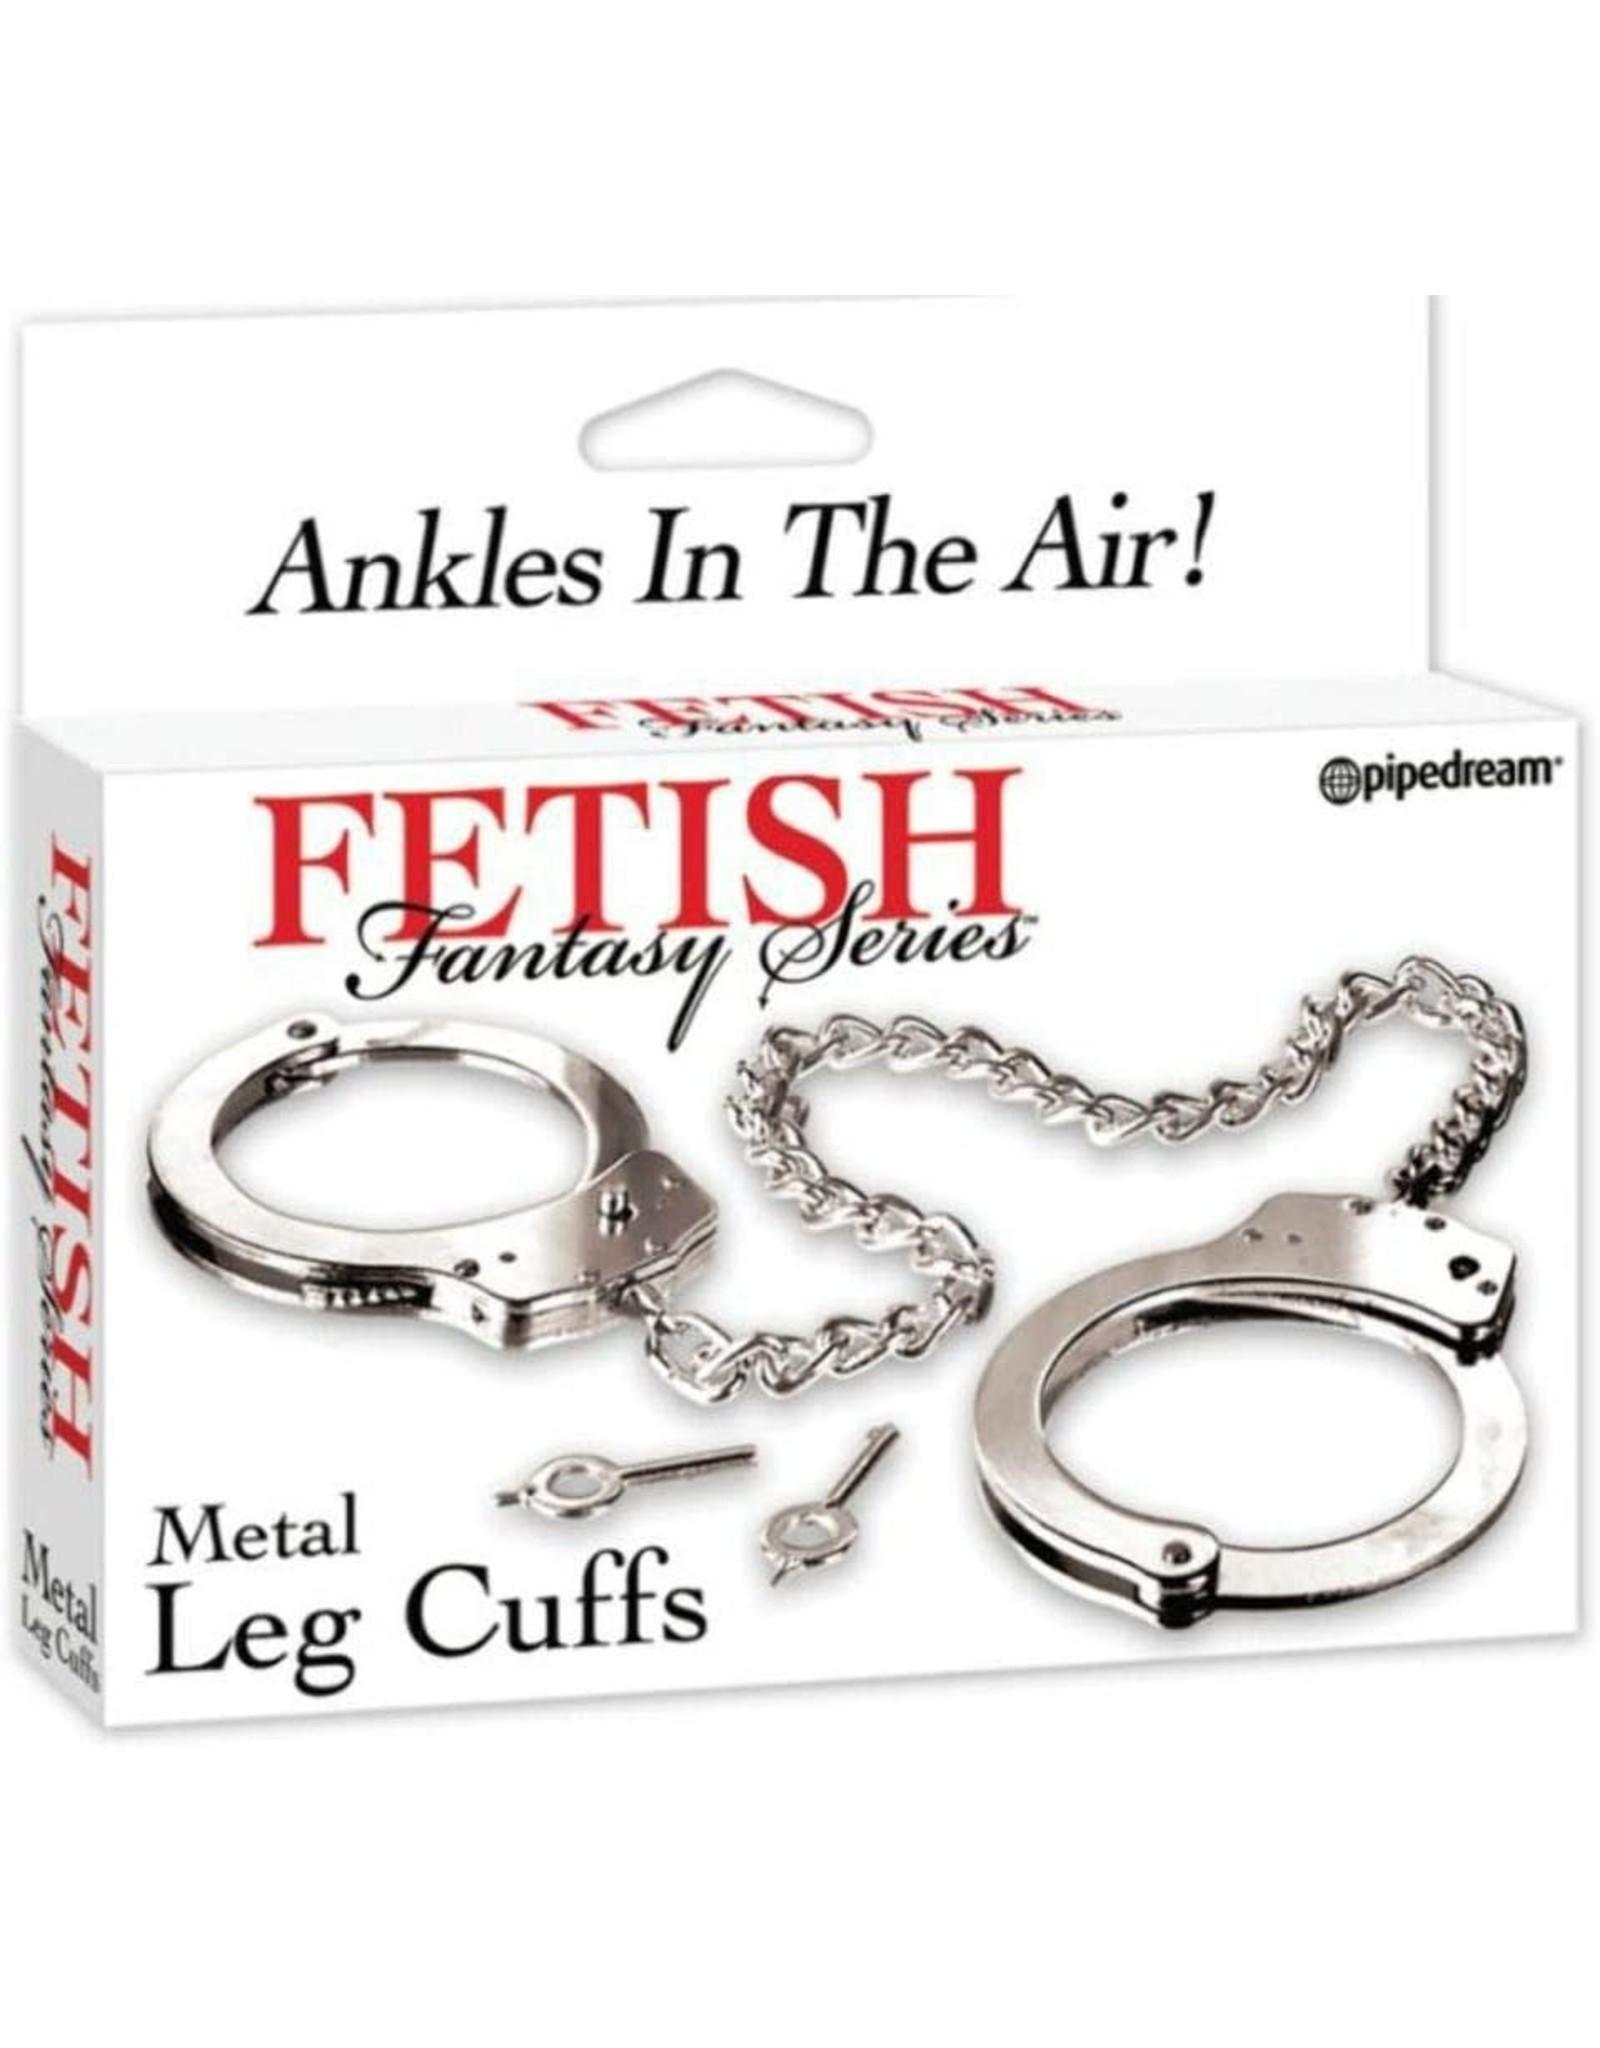 FETISH FANTASY - METAL LEG CUFFS